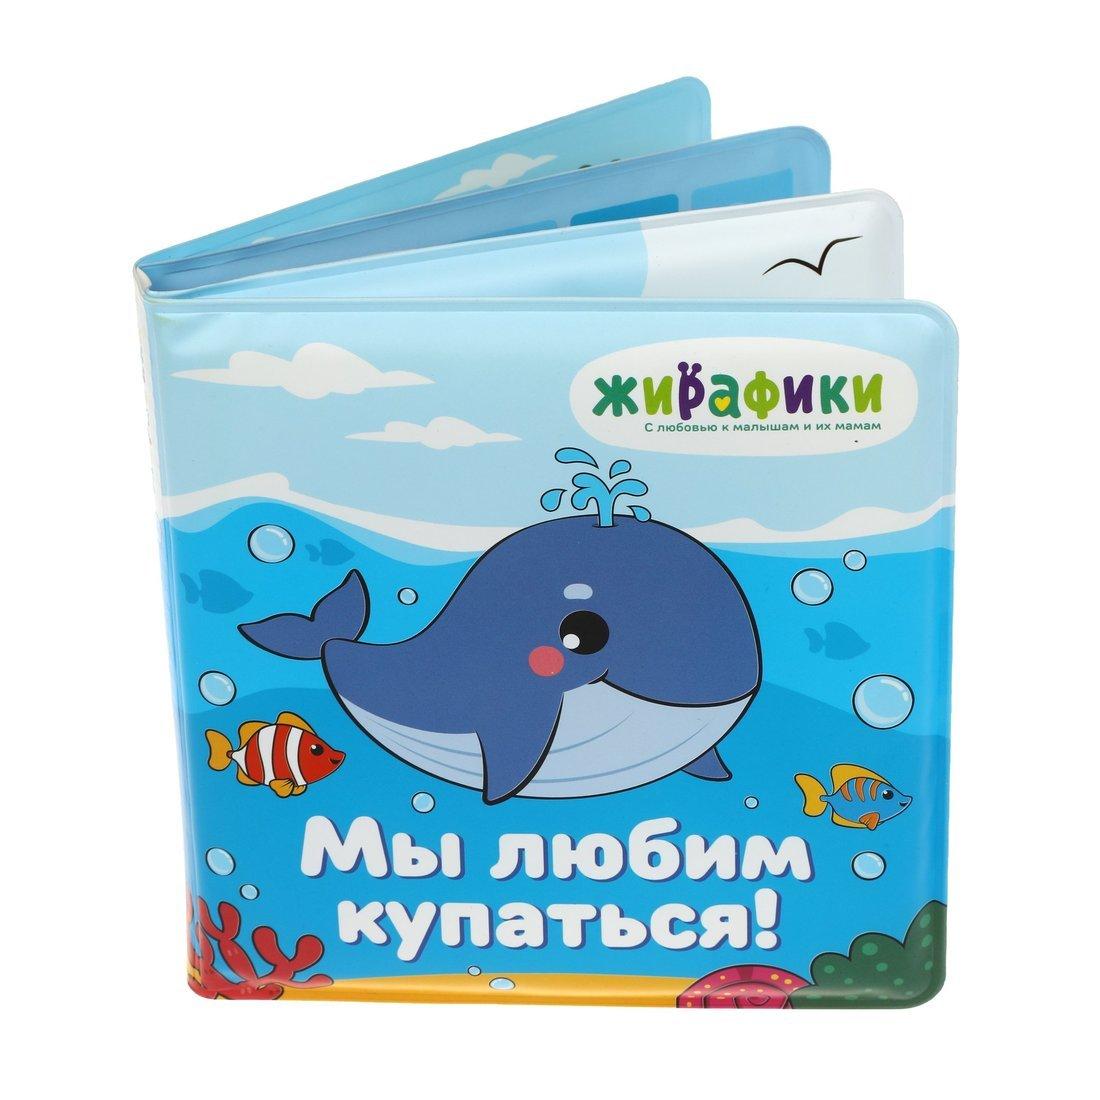 Игрушка-книжка для купания  Мы любим купаться , 14х14 см, ПВХ, со стишками